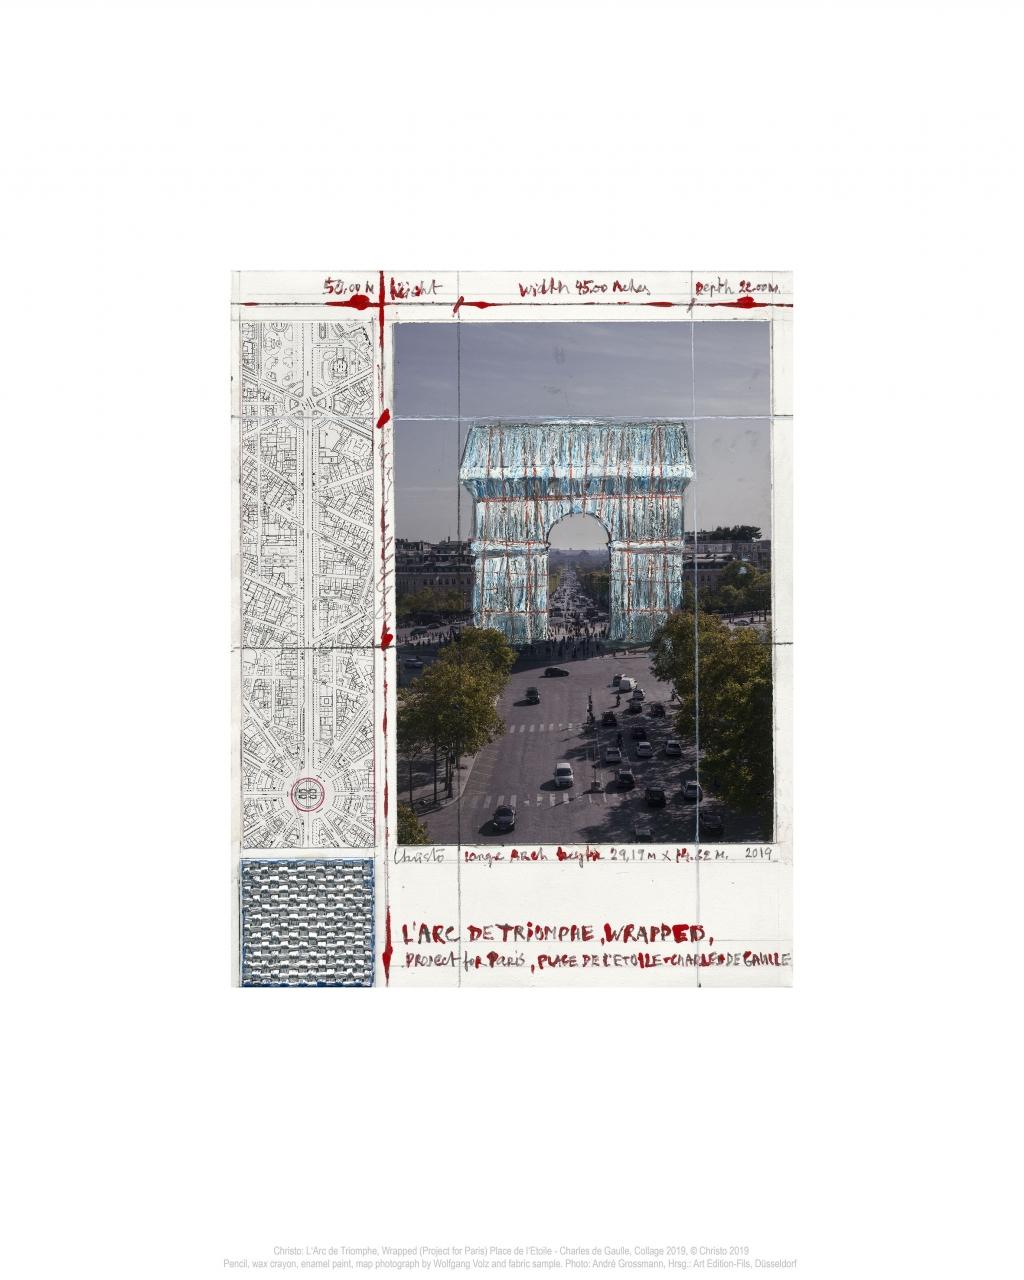 L'Arc De Triomphe II, Wrapped